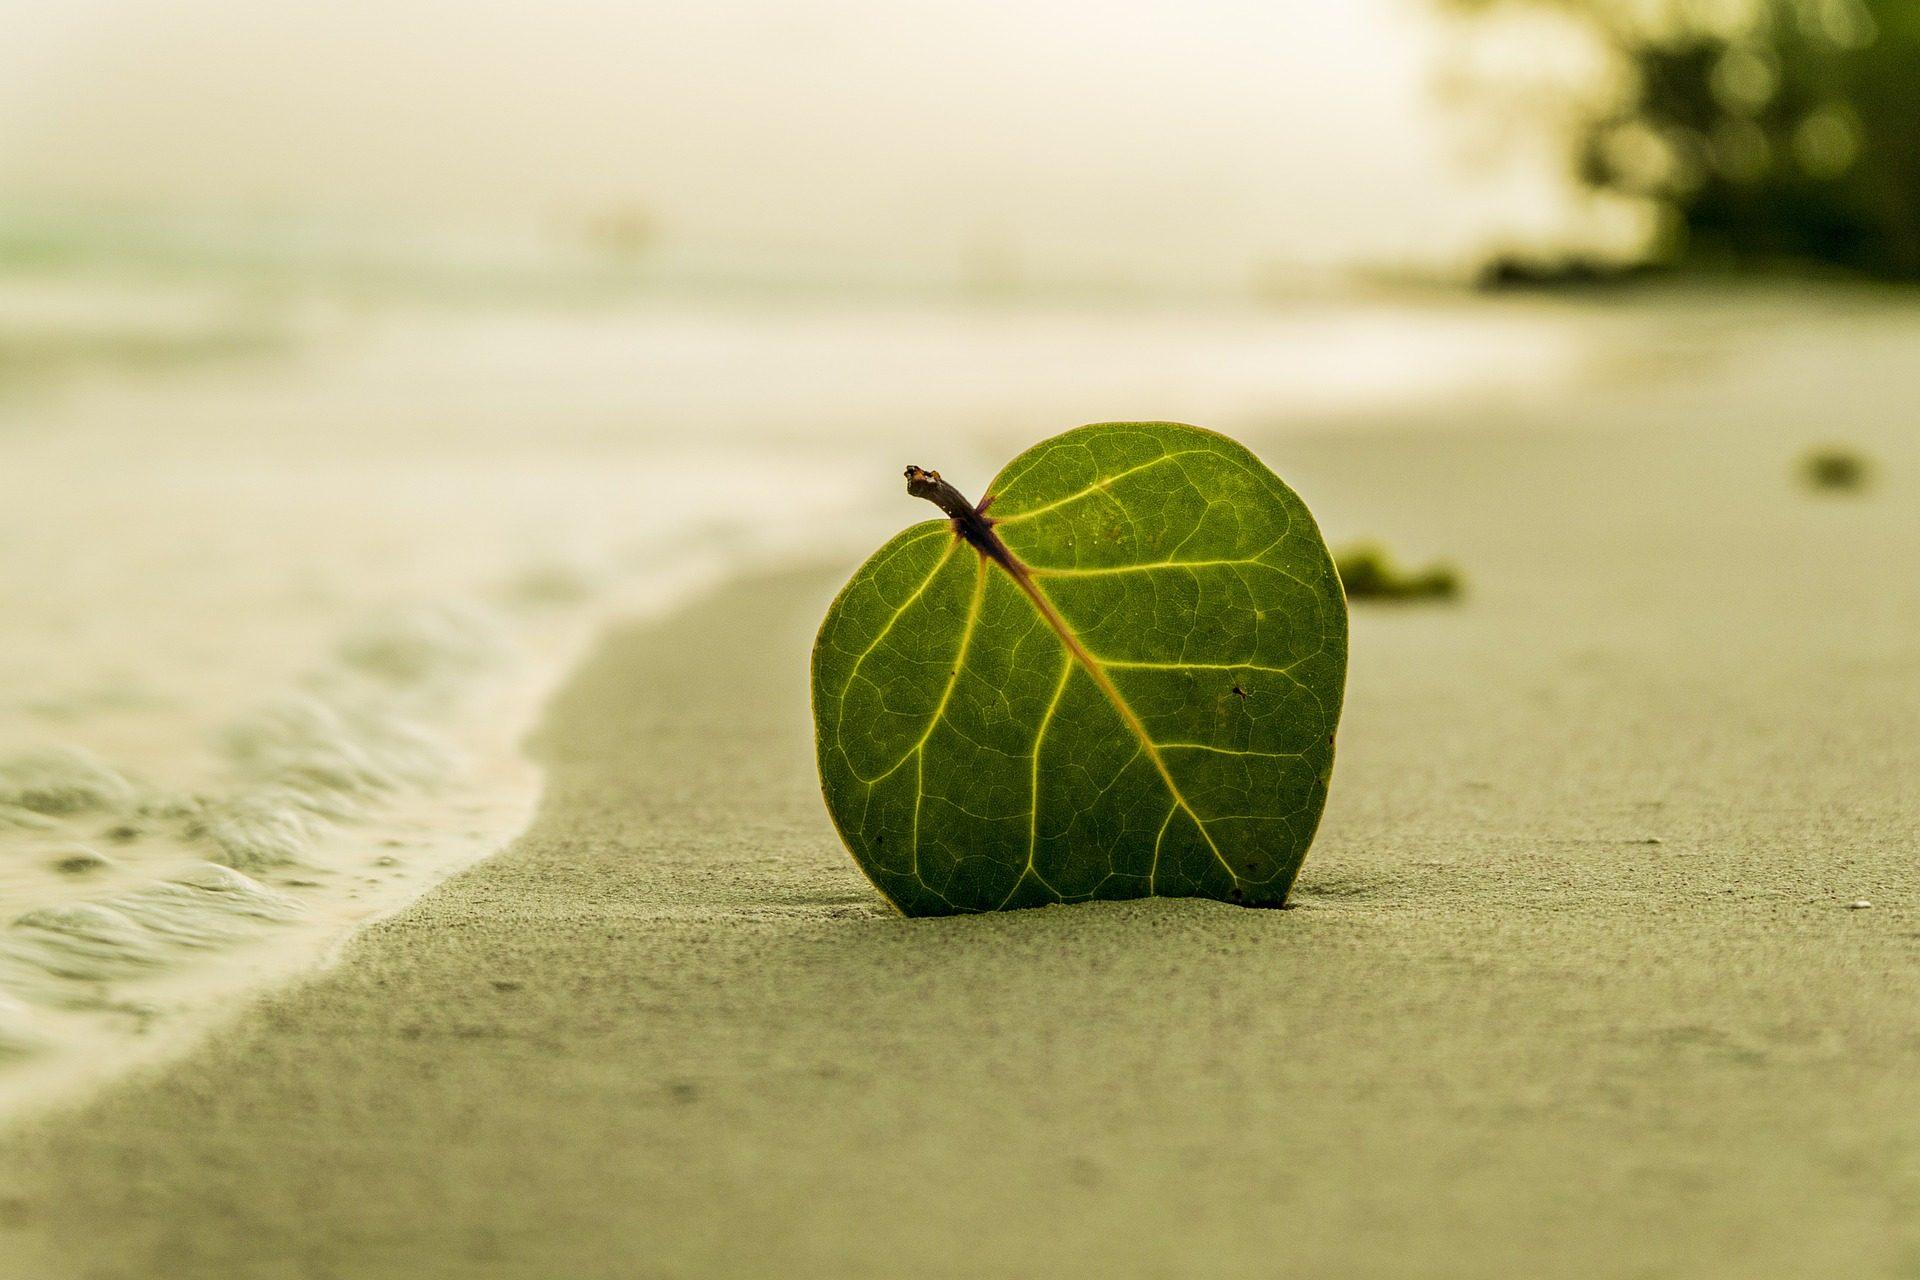 φύλλο, Παραλία, Άμμος, Ένωση, Θάλασσα - Wallpapers HD - Professor-falken.com